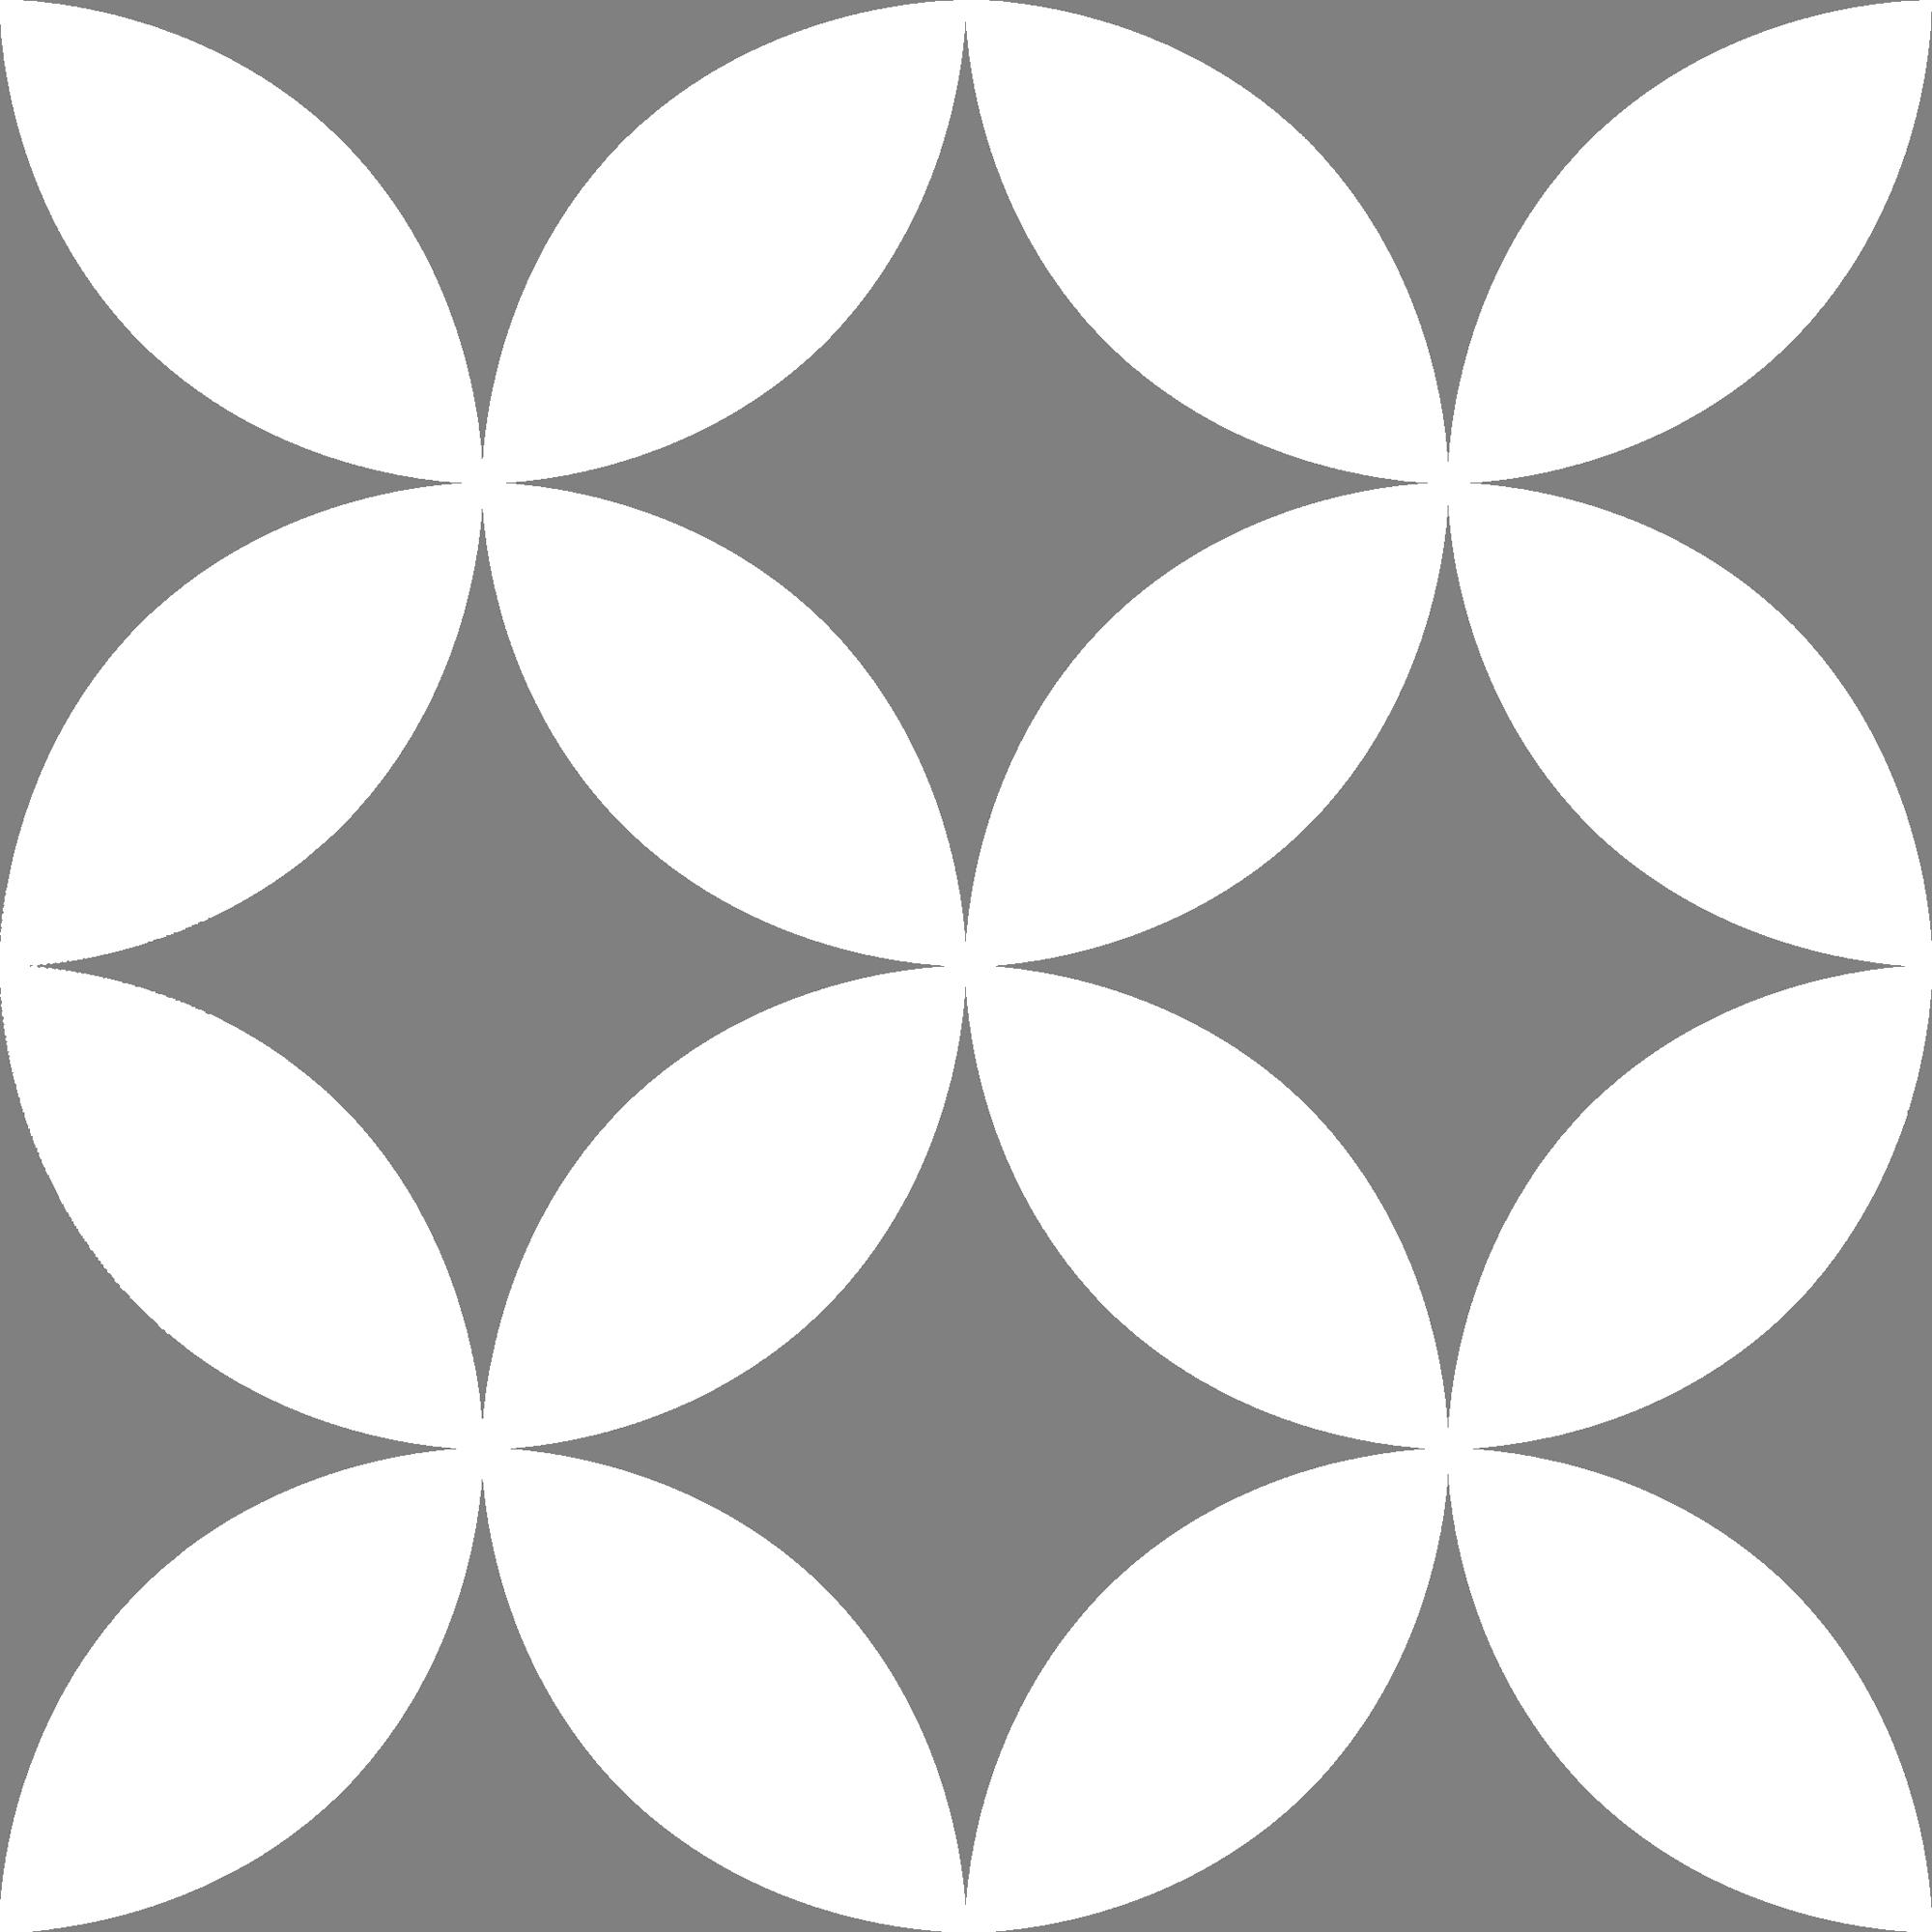 K94844300001VTE0, Retromix, Harmaa, lattia,pakkasenkesto,uimahalli